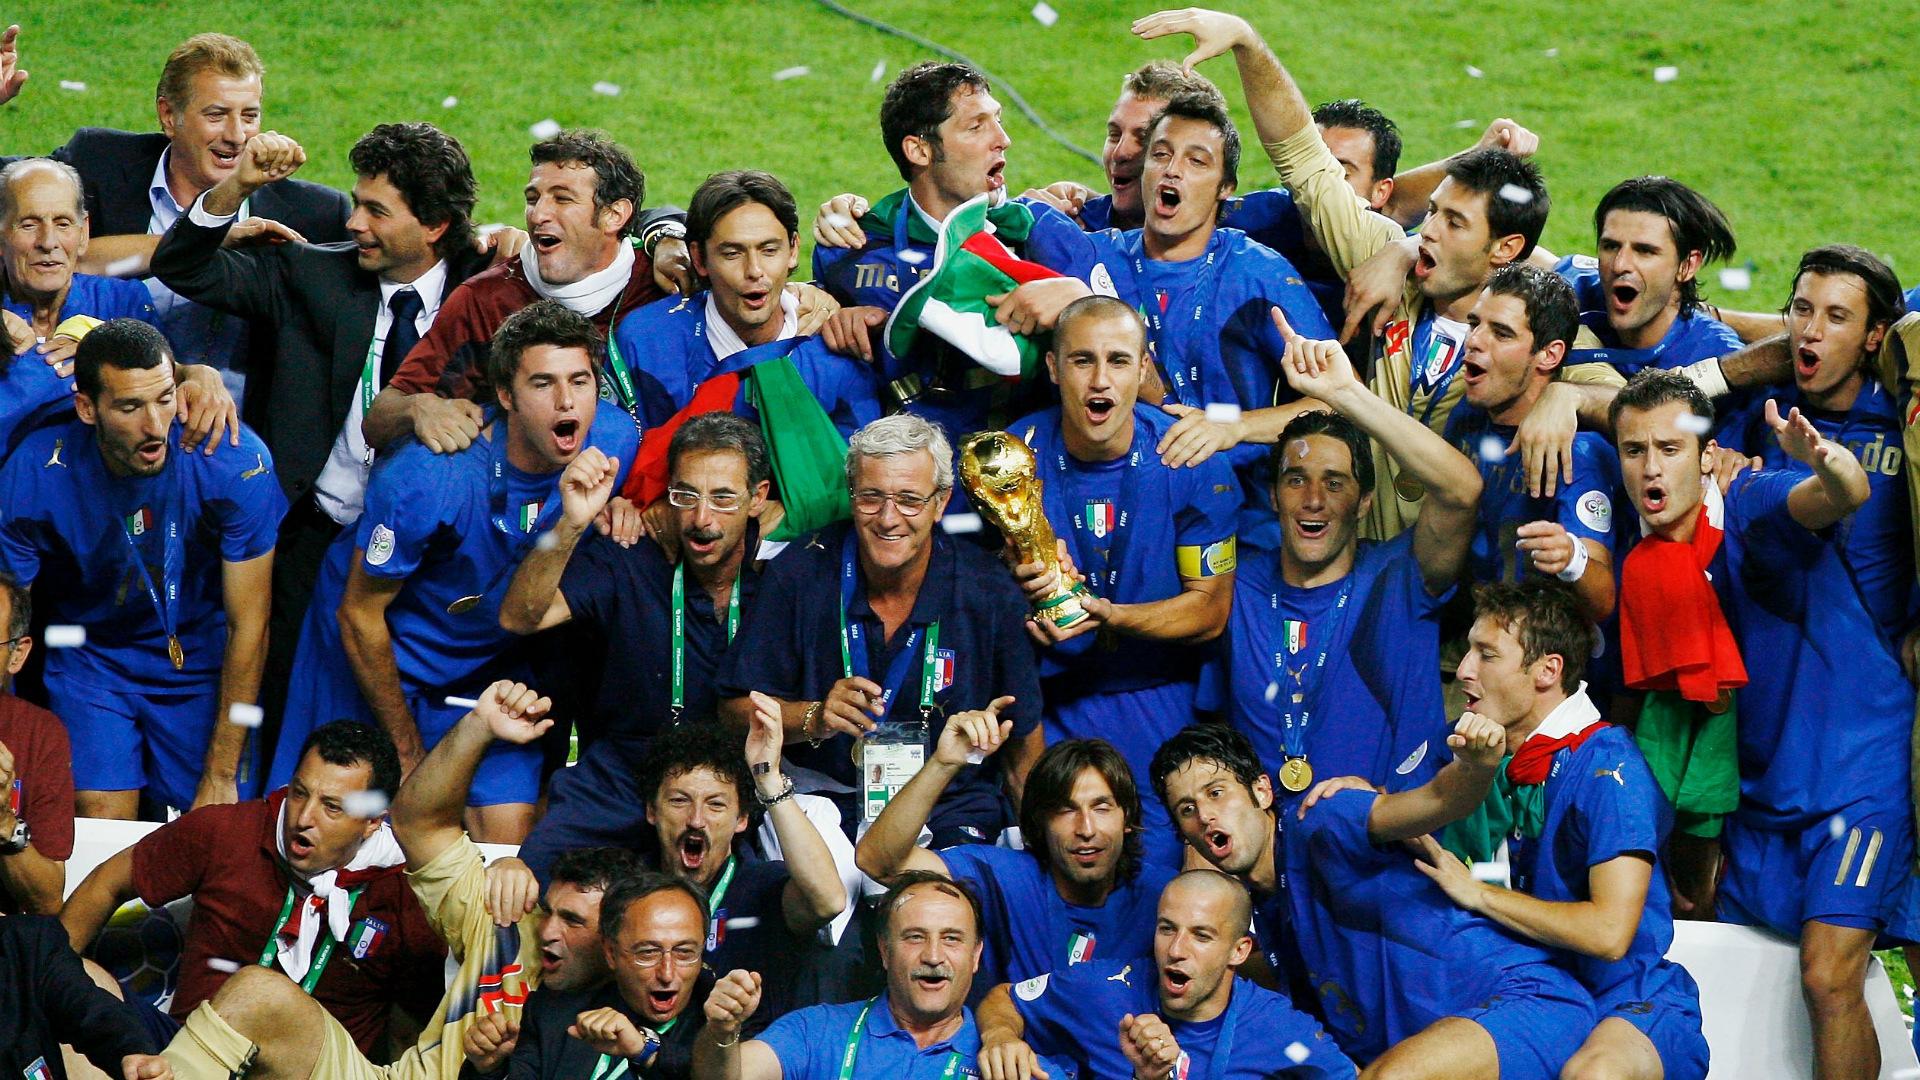 Сборная Италии - обладатель кубка чемпионата мира 2006 года